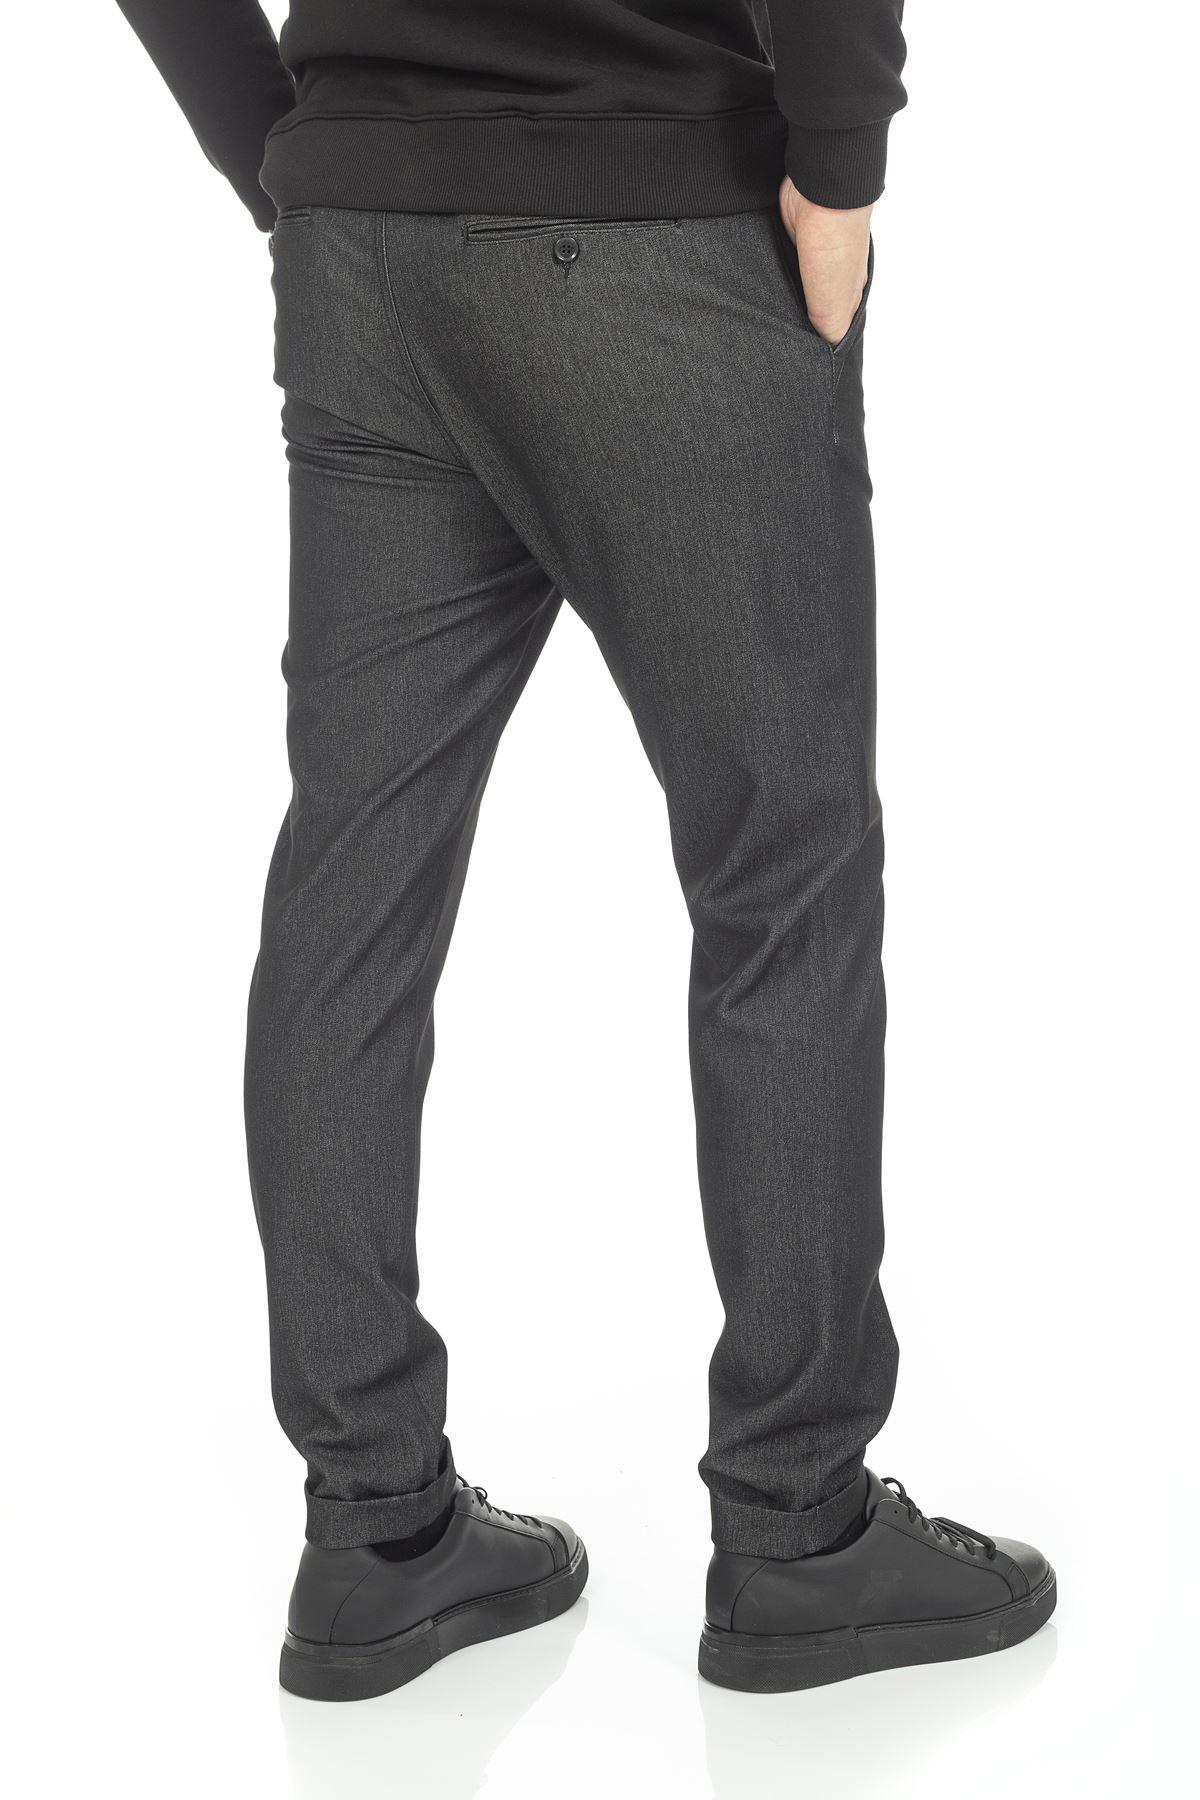 Siyah Bağcıklı Jogger Pantolon